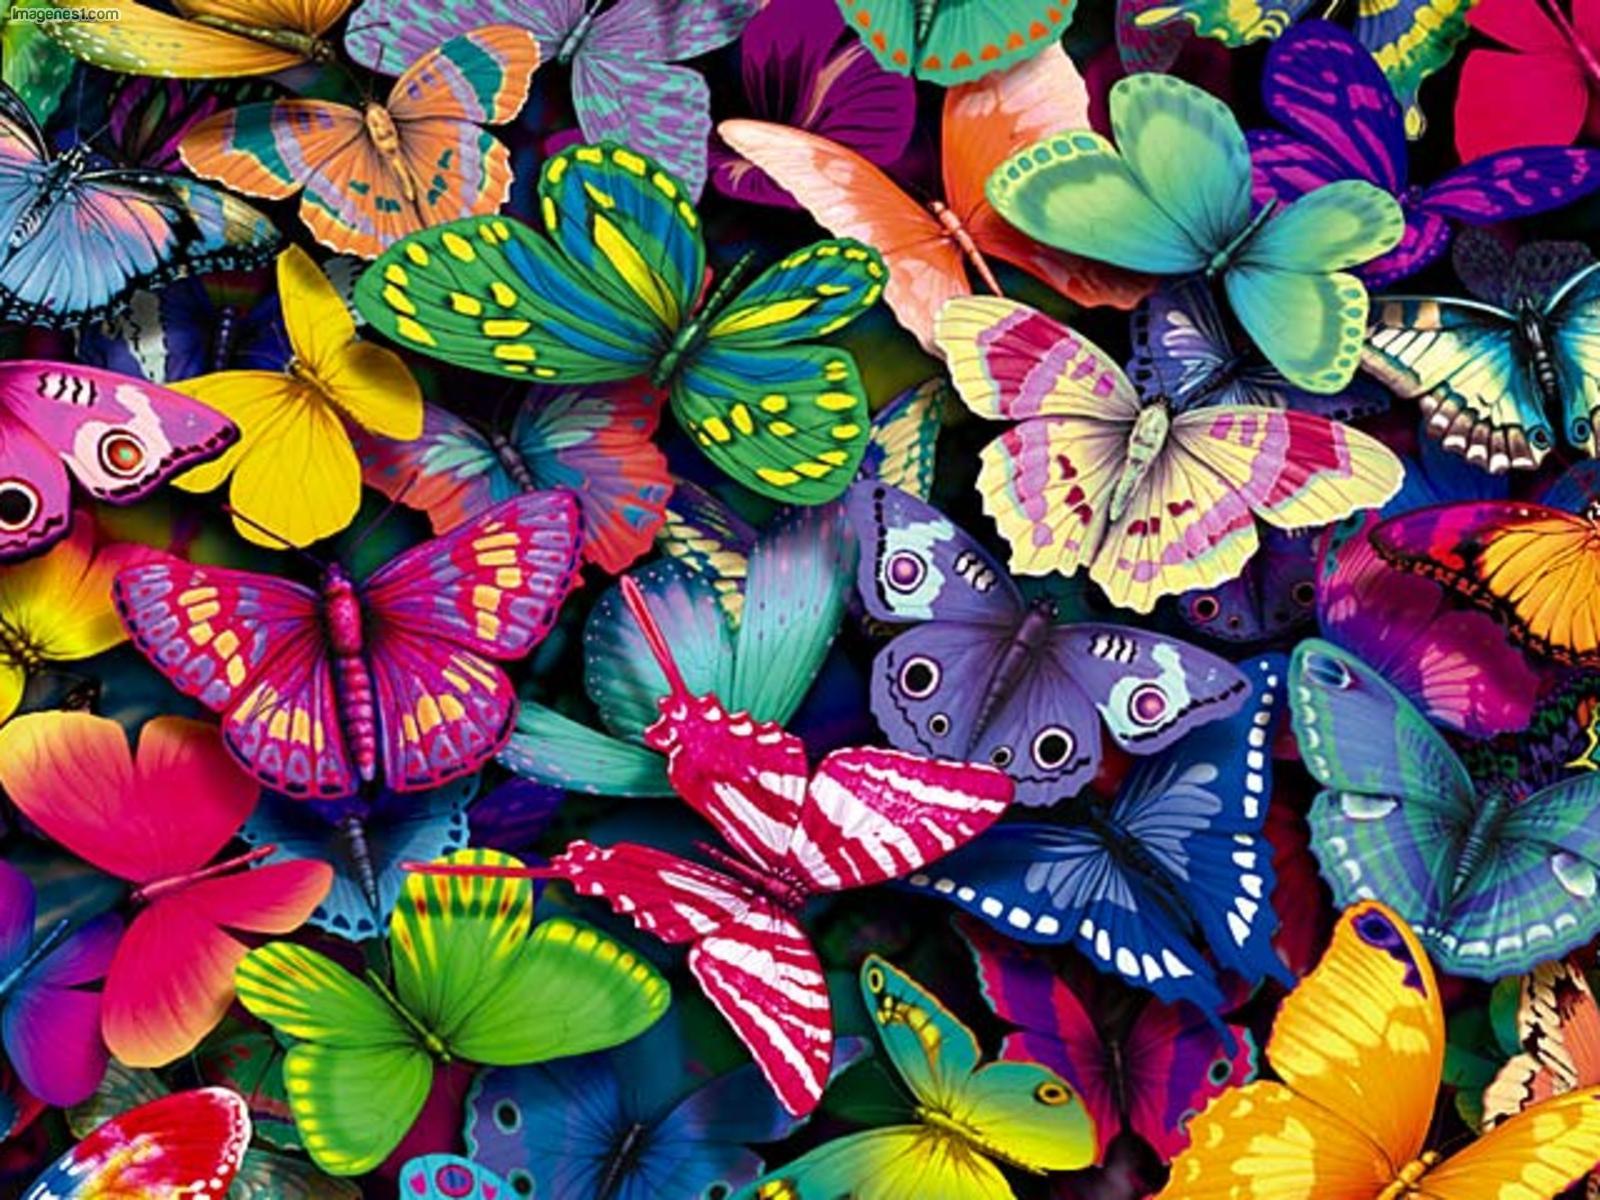 Excepcional Para Colorear Flores Y Mariposas Duras Embellecimiento ...